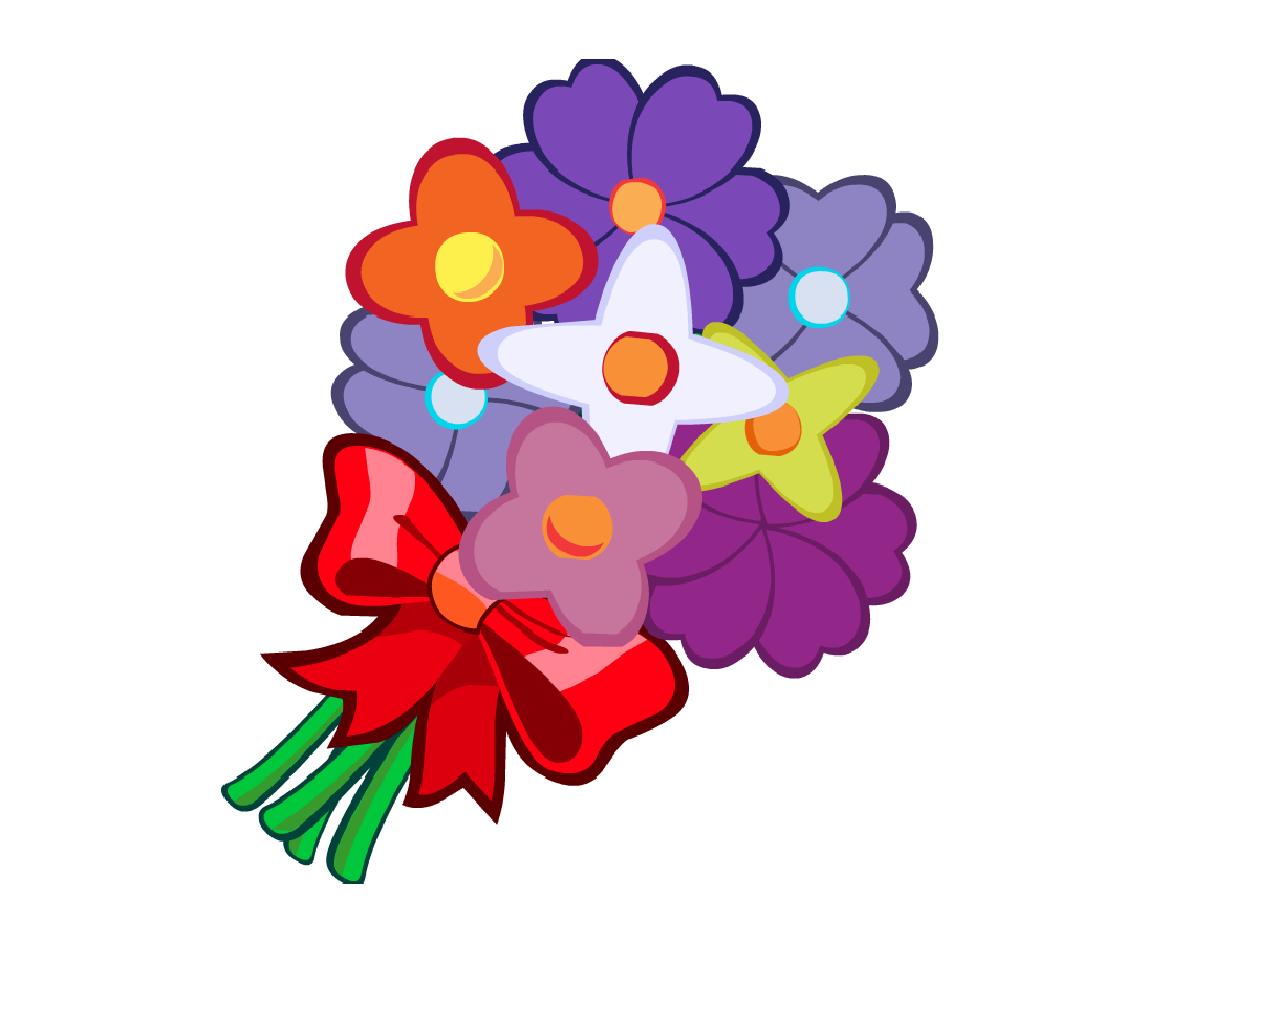 Bouquet clipart flower bunch. Wild ones wiki fandom